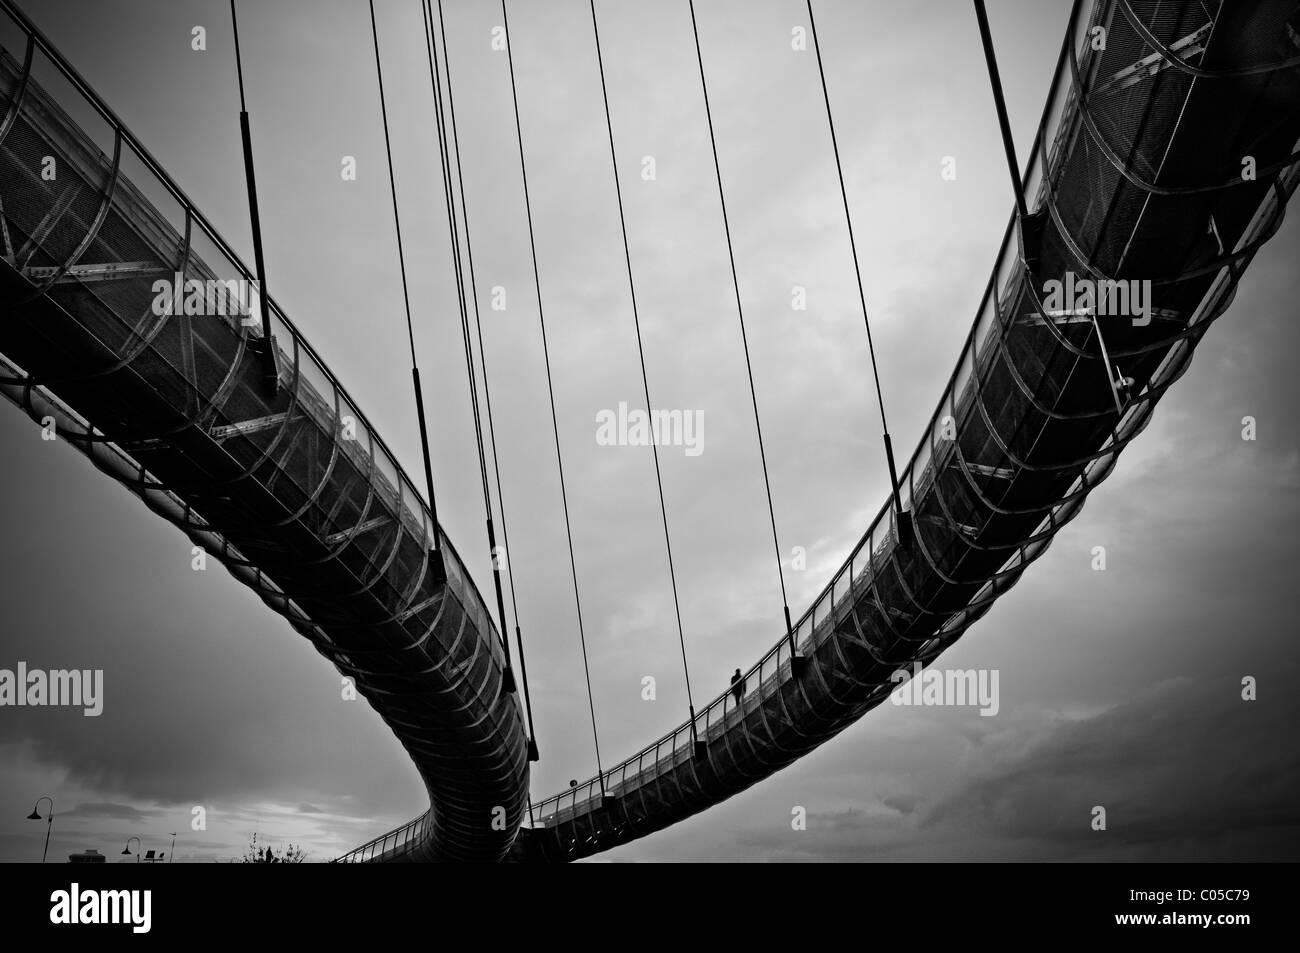 Puente de cable Imagen De Stock